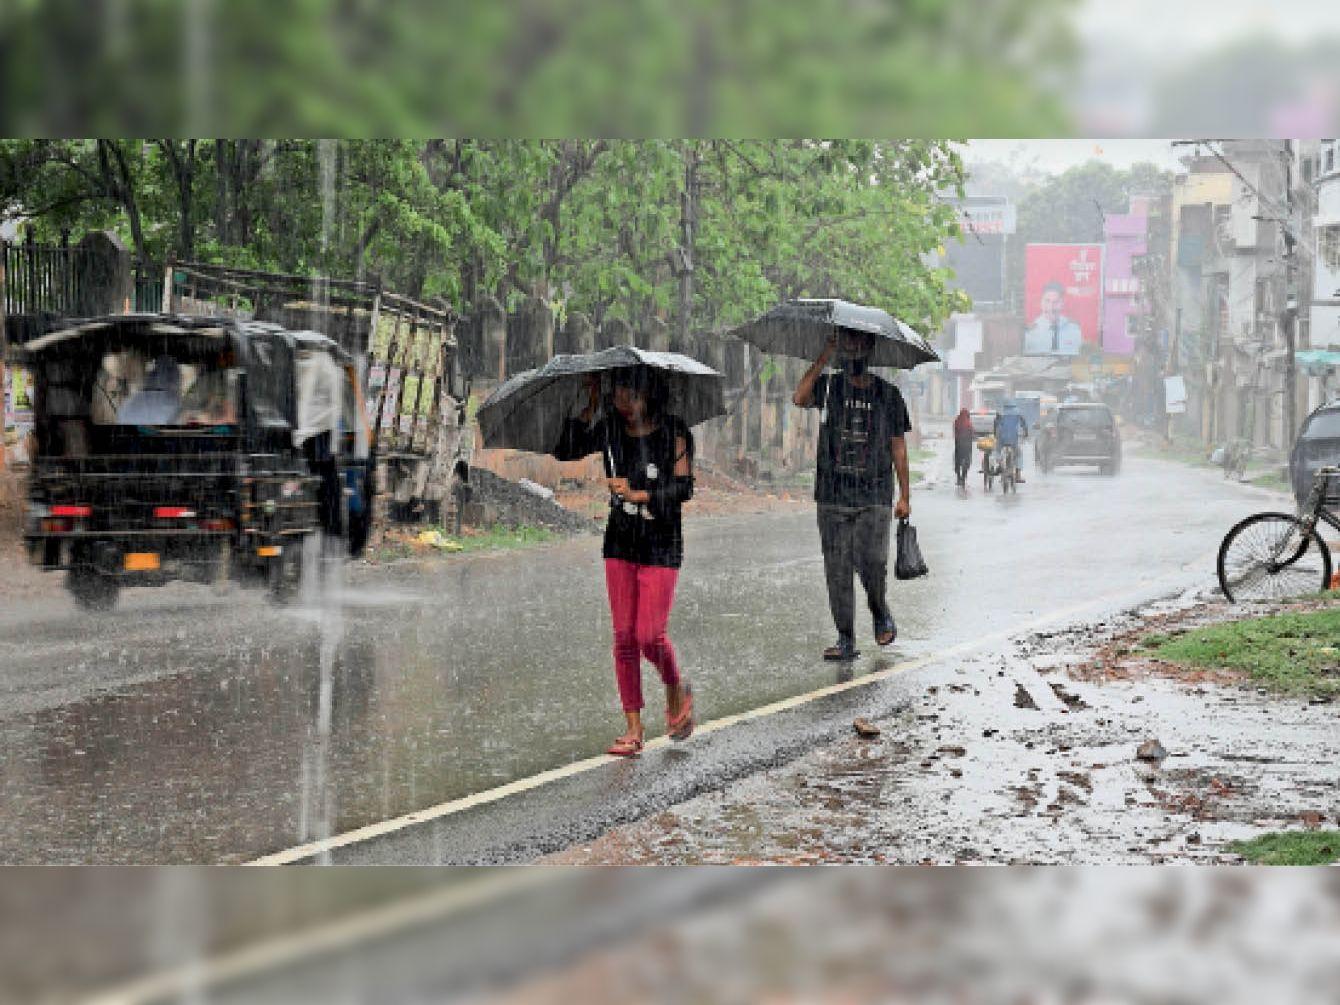 मई में एक दिन में सबसे अधिक बारिश का 12 साल का टूटा रिकार्ड, तेज हवा से 40 फीडराें की बिजली हुई गुल भागलपुर,Bhagalpur - Dainik Bhaskar